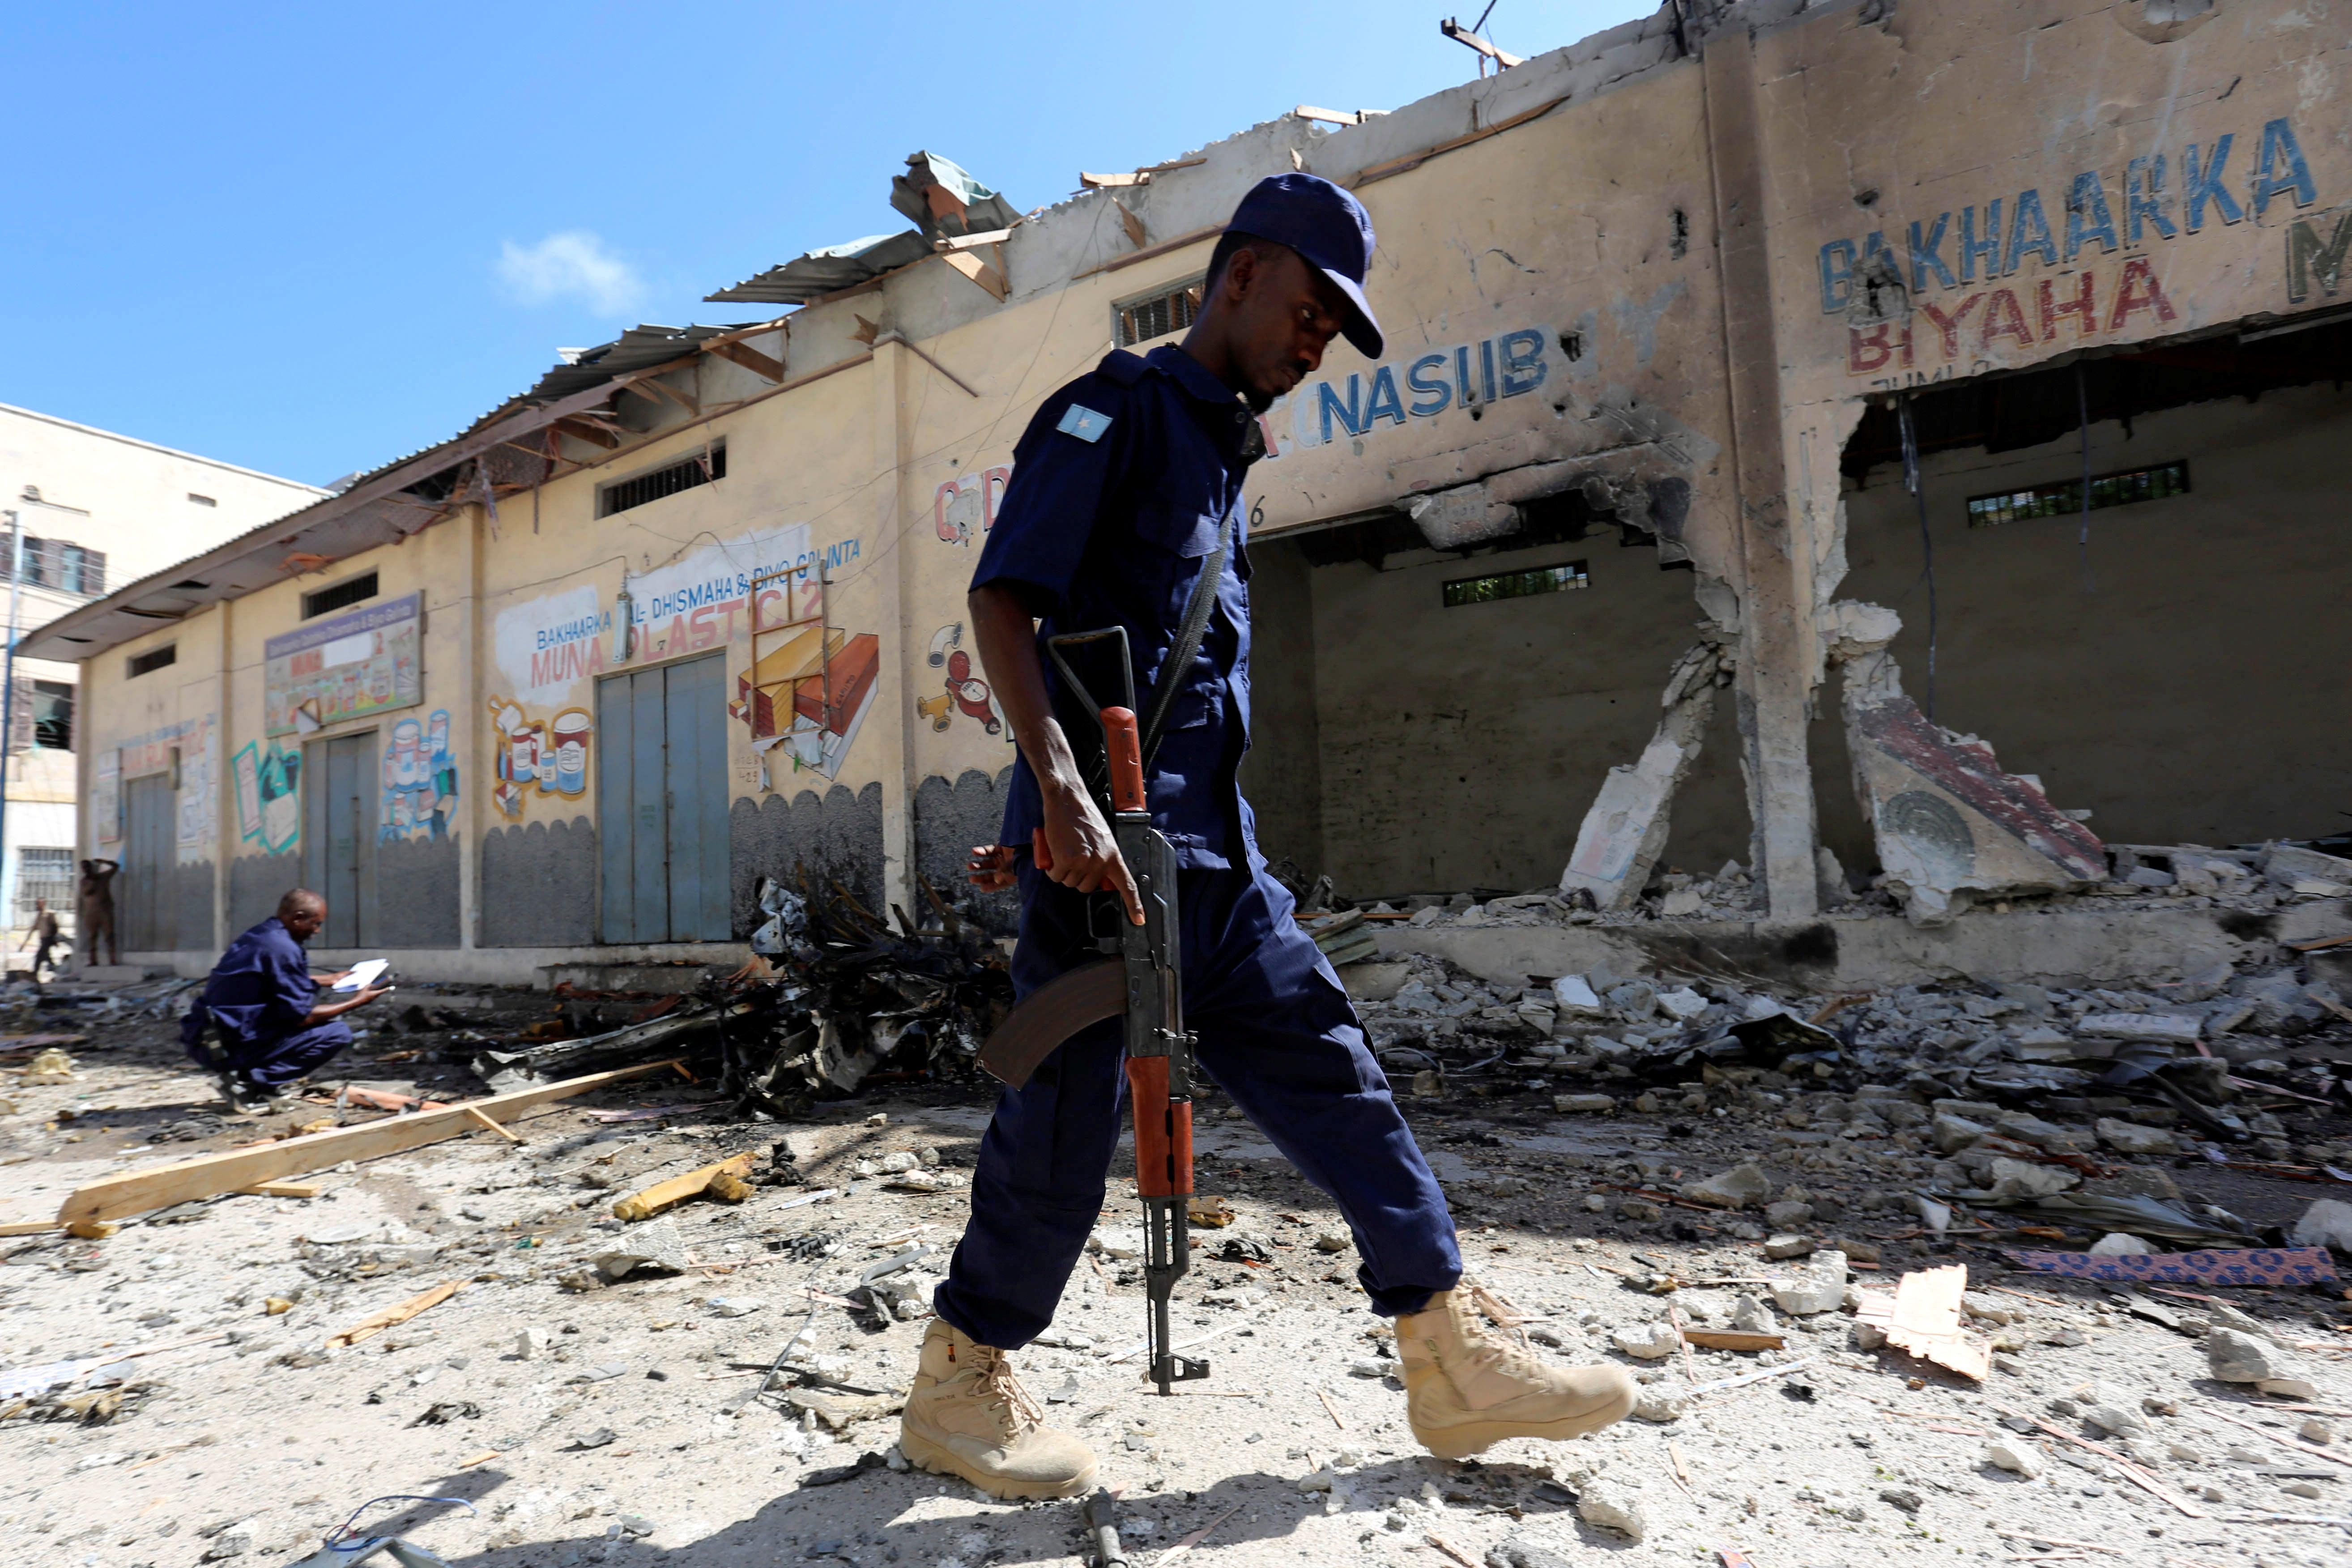 Ataque suicida em academia de polícia na Somália mata 13 policiais